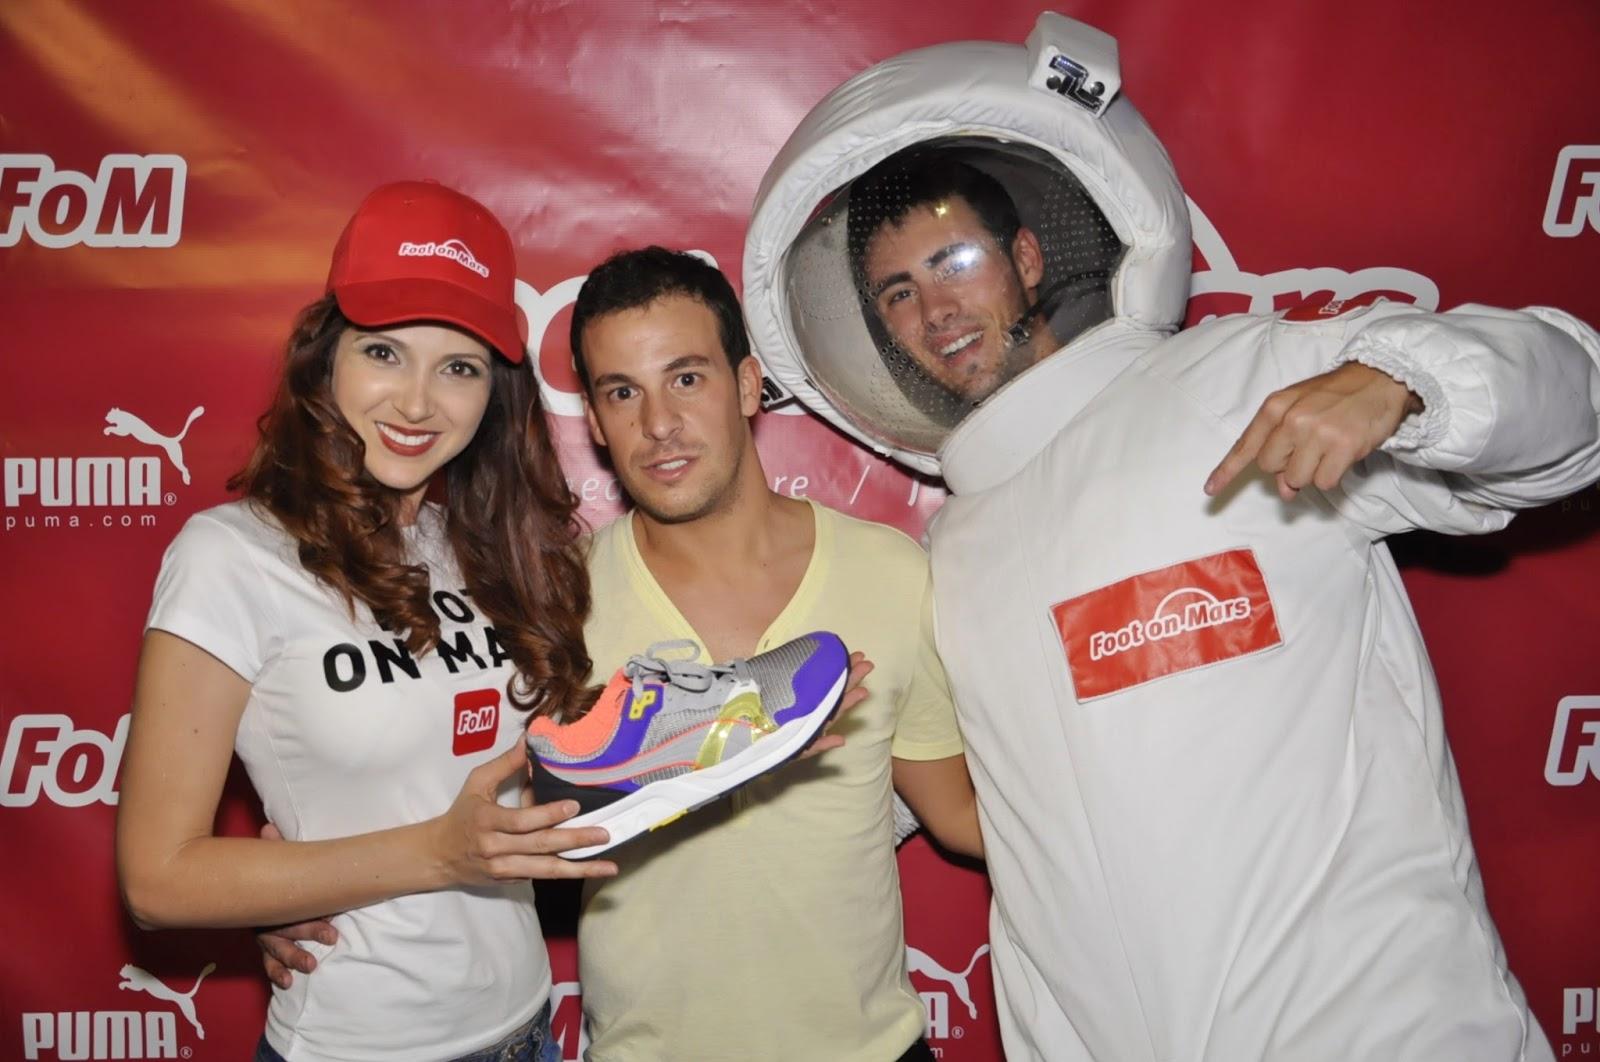 Photocall de la fiesta de Foot on Mars en canterbury Salamero en Zaragoza. Fotógrafo, azafatas y animador de Makoondo Marketing y Eventos Zaragoza.